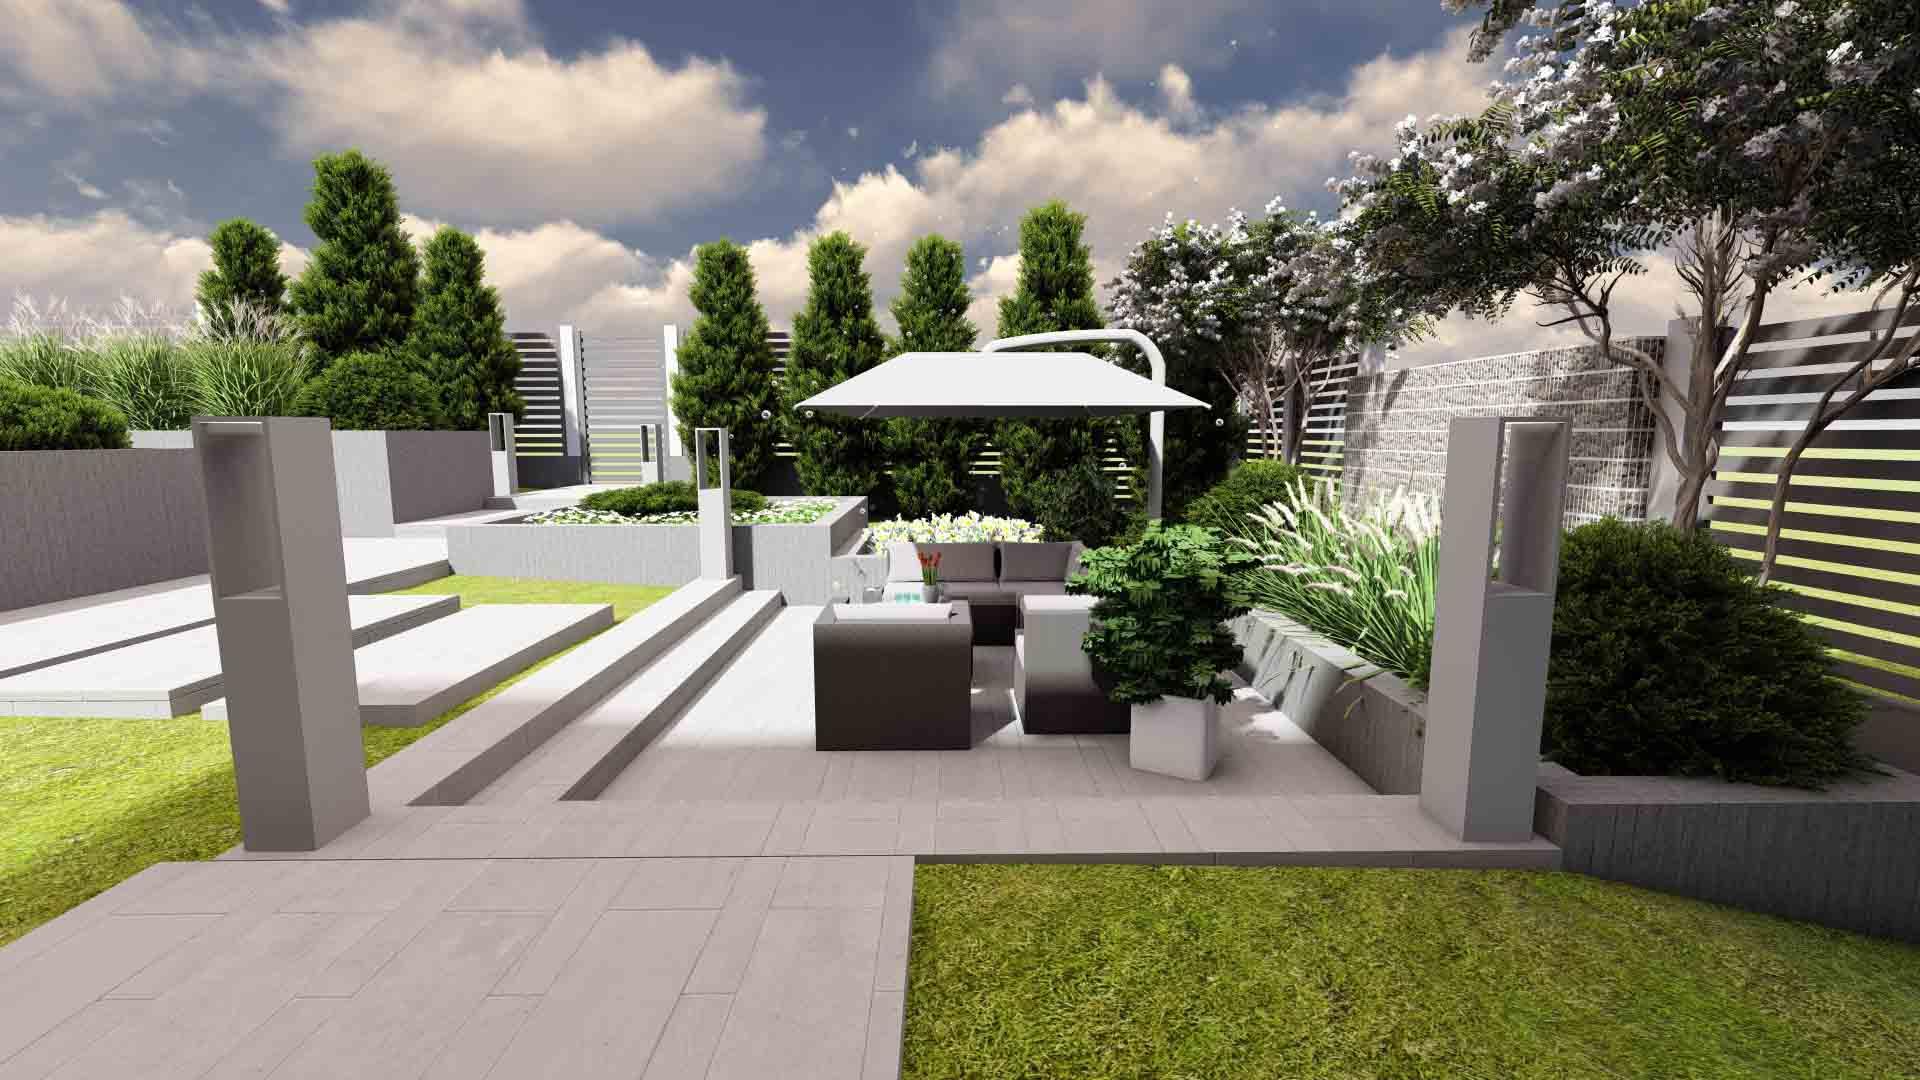 amenajare curte cu terasă